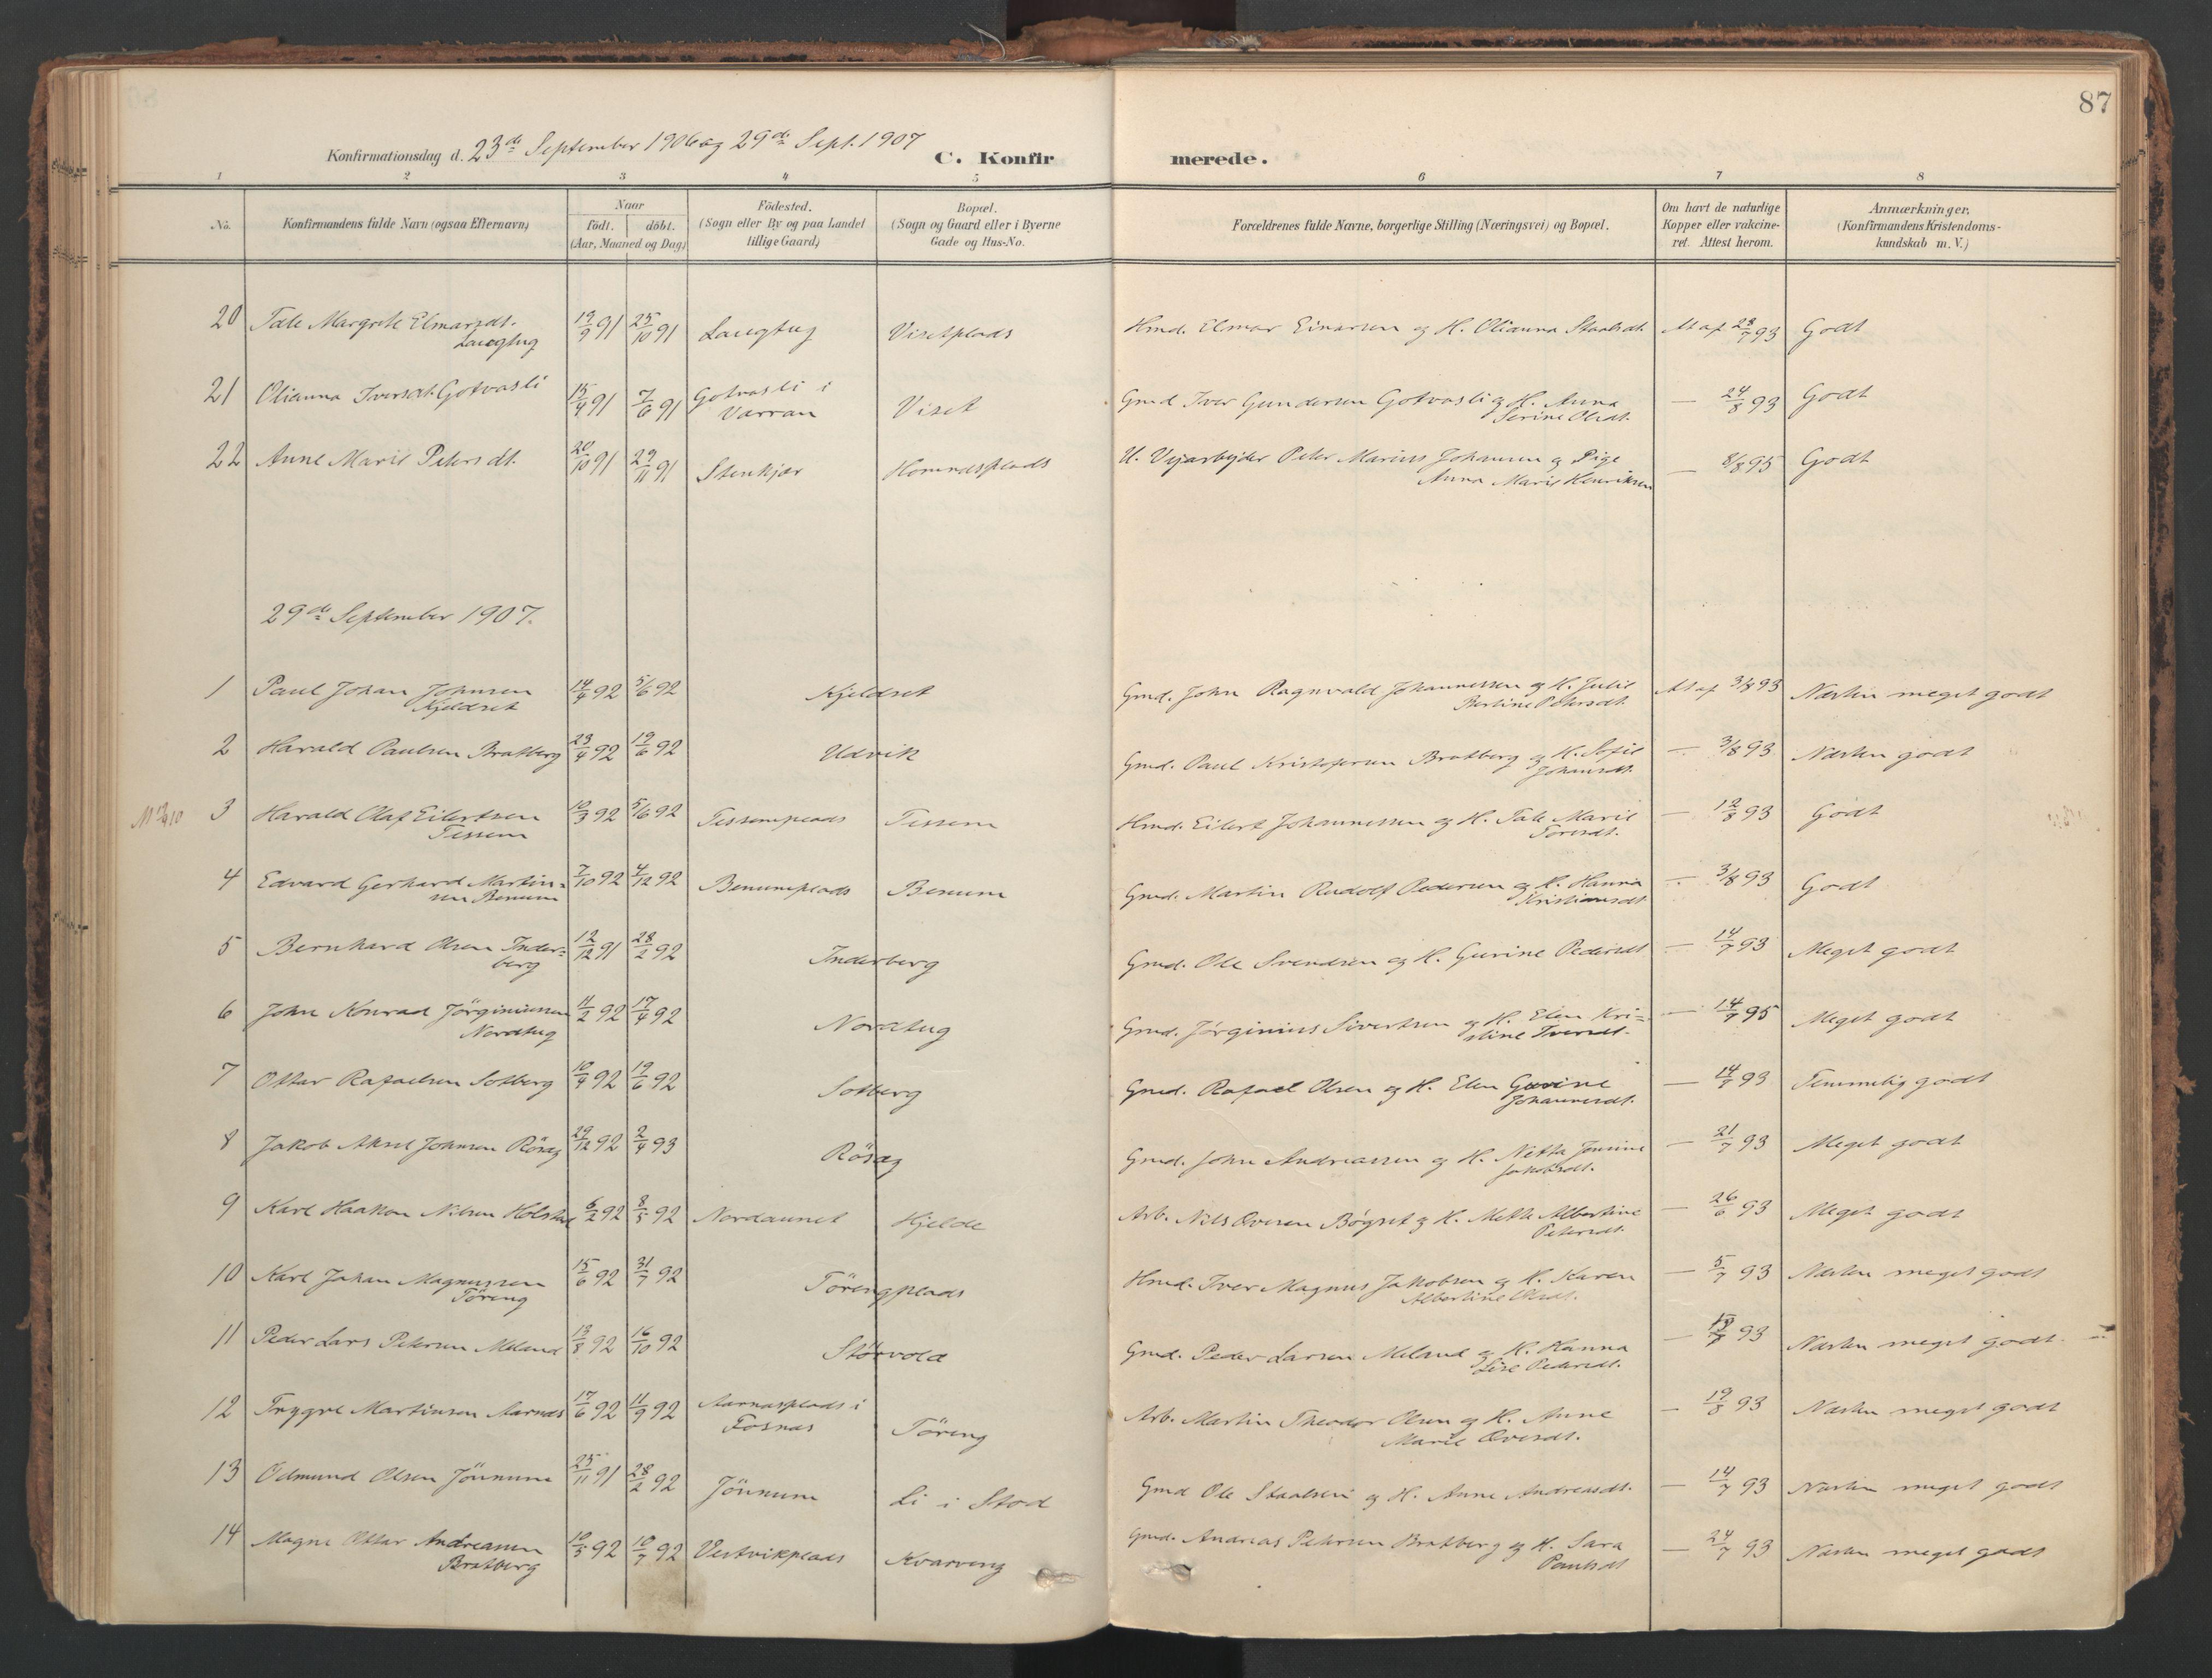 SAT, Ministerialprotokoller, klokkerbøker og fødselsregistre - Nord-Trøndelag, 741/L0397: Ministerialbok nr. 741A11, 1901-1911, s. 87